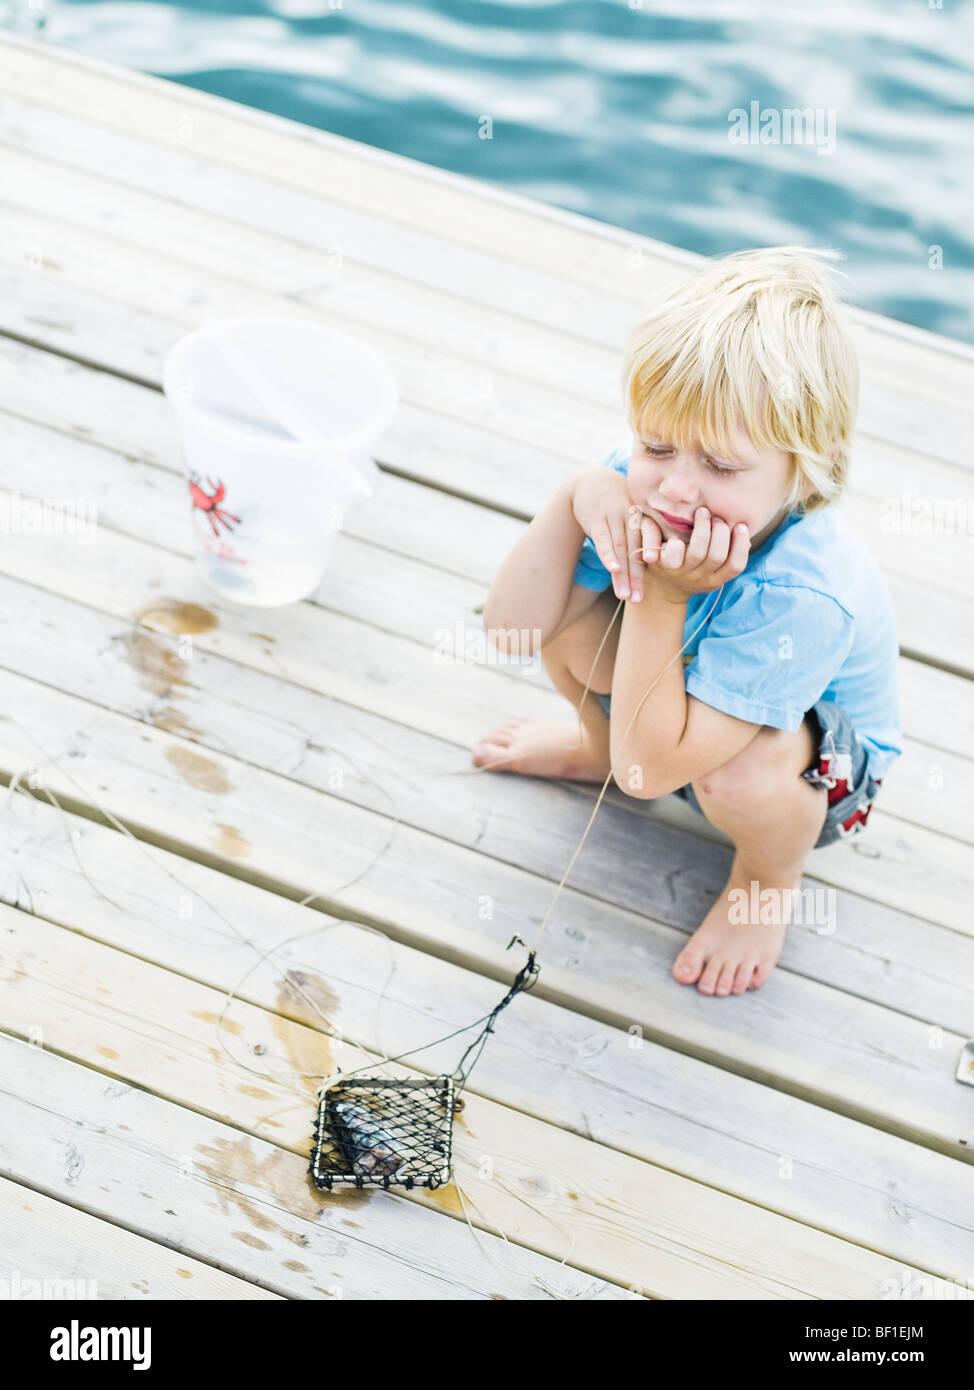 Scandinavian boy on a jetty, Sweden. - Stock Image